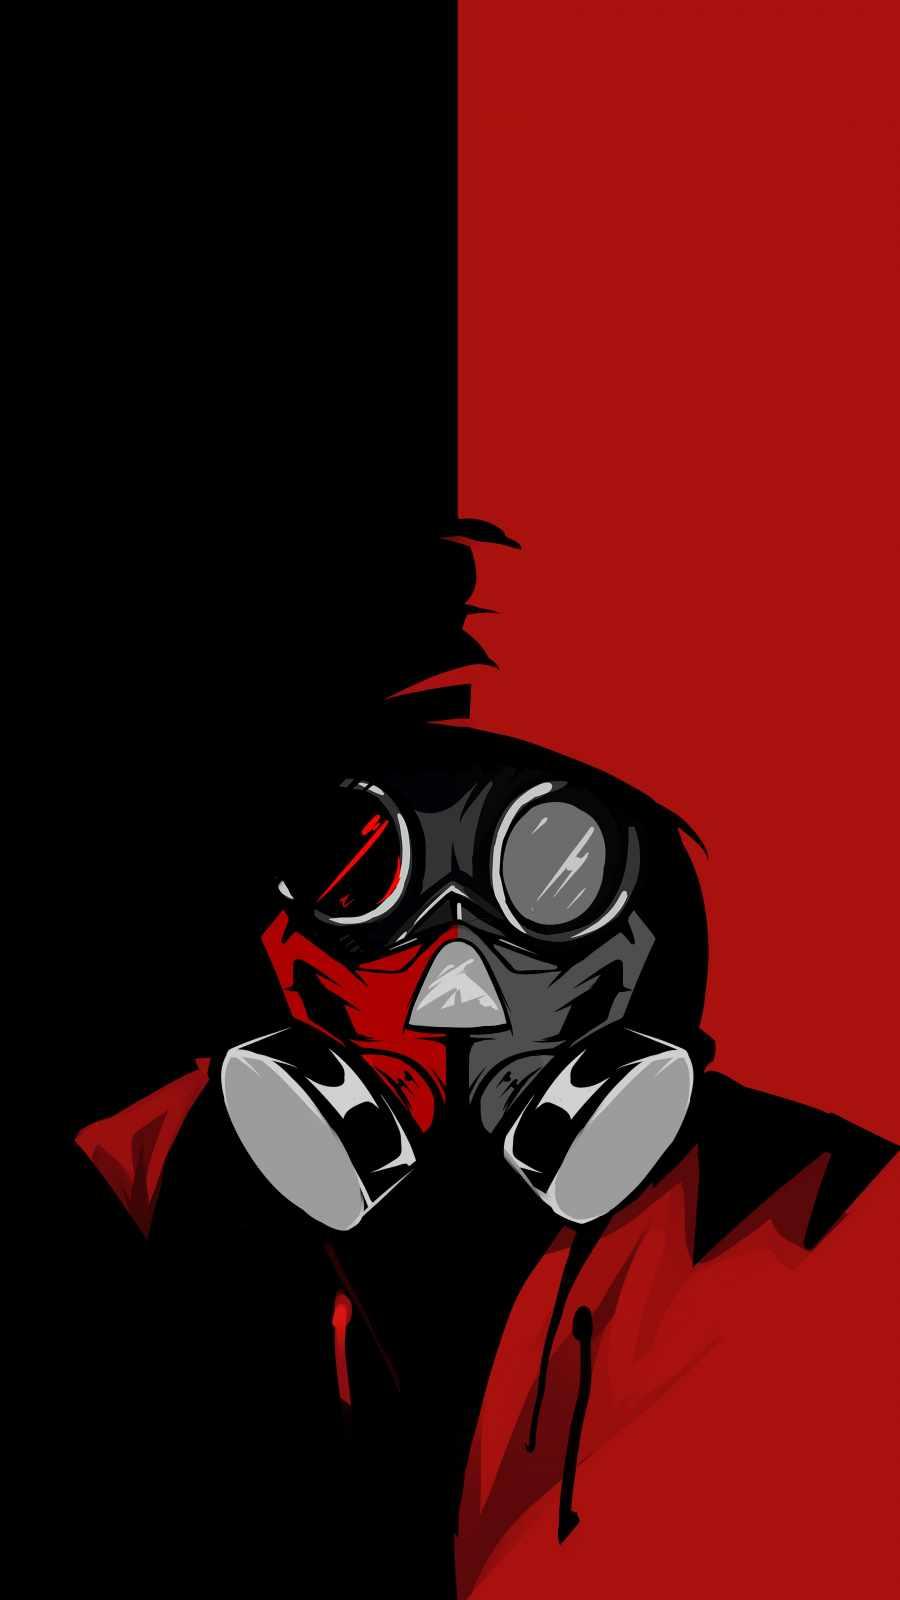 Radiation Mask Hoodie Guy